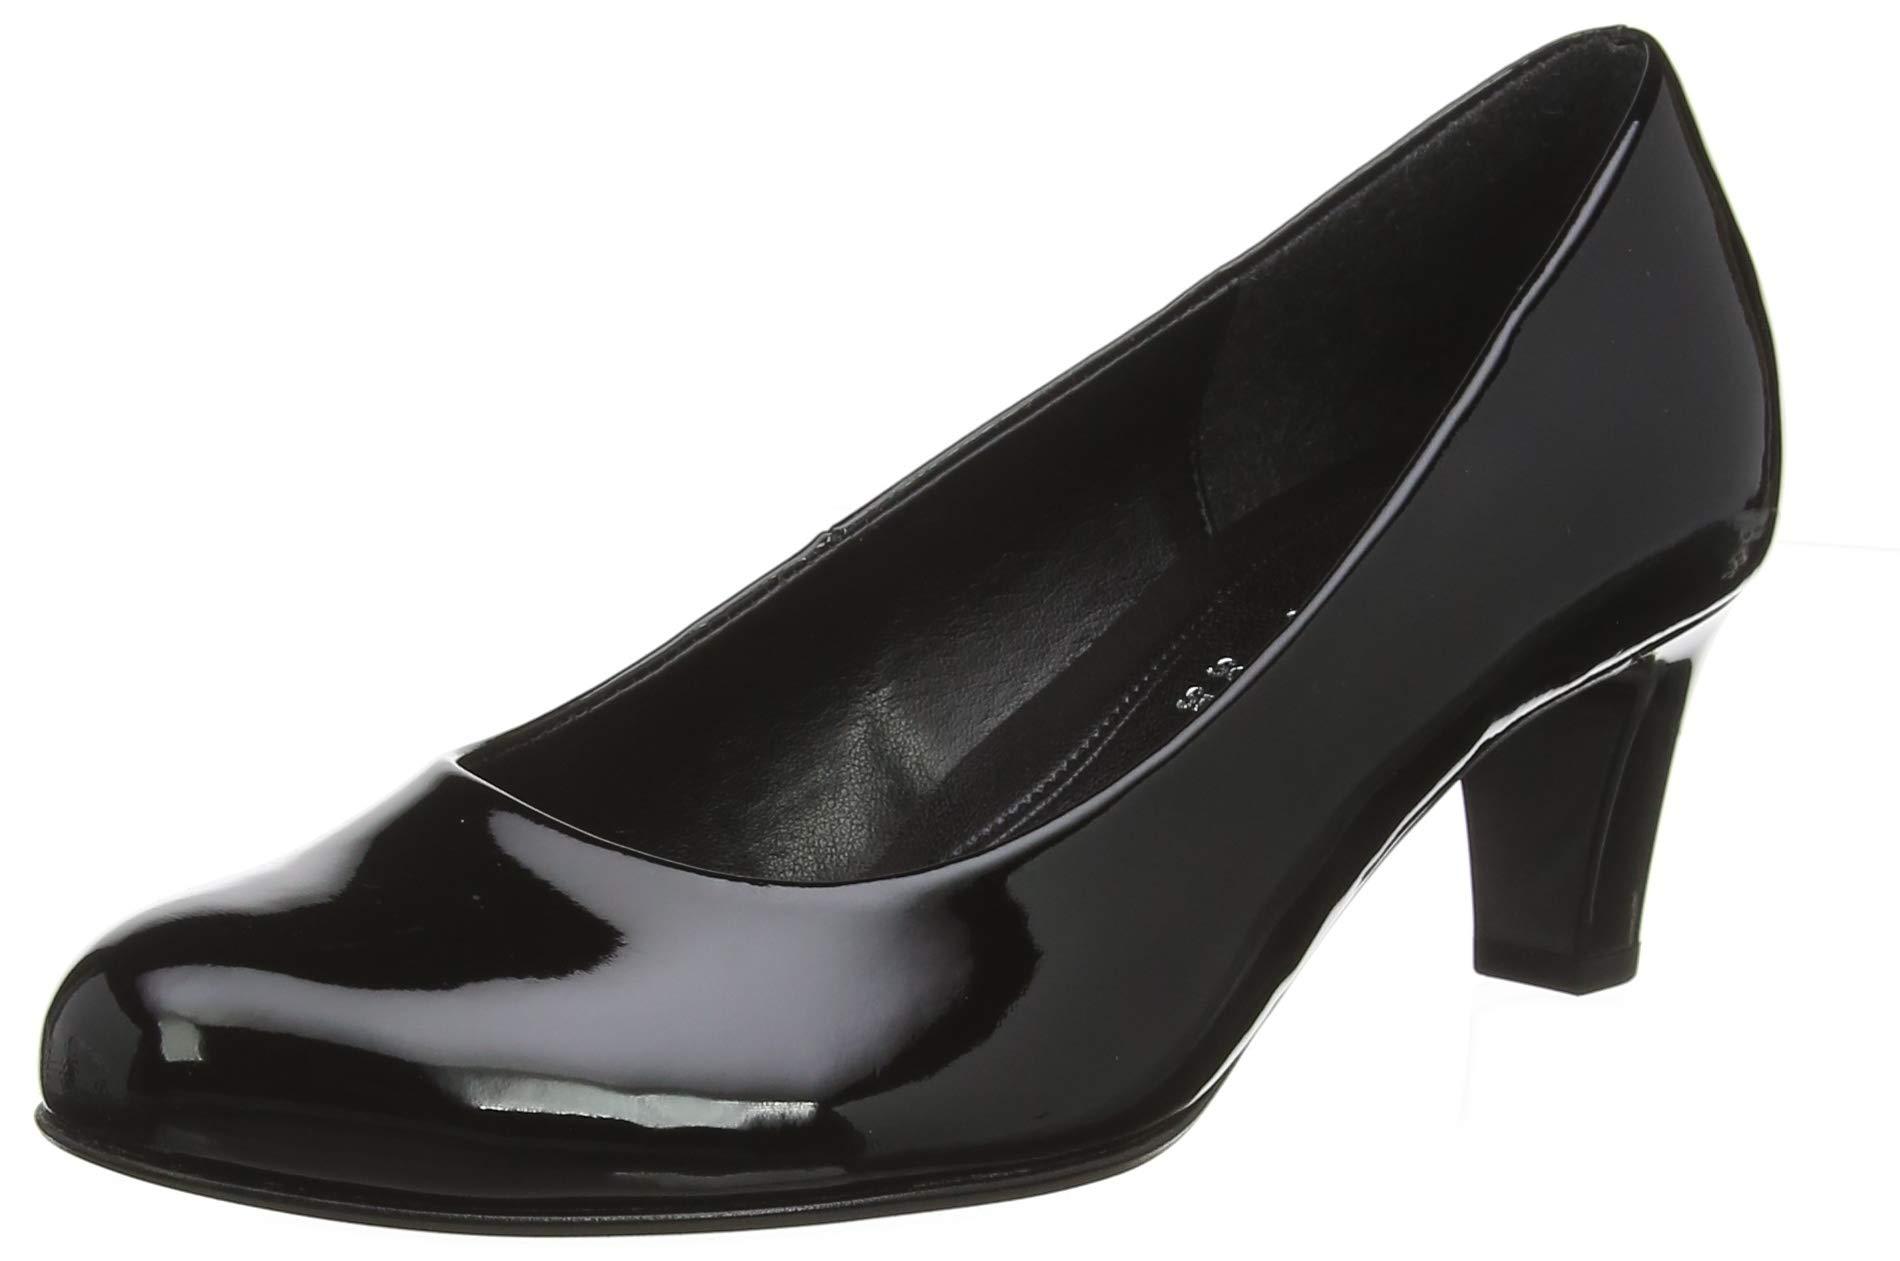 Shoes BasicEscarpins Gabor FemmeNoirschwarzabsatz7739 Gabor FemmeNoirschwarzabsatz7739 FemmeNoirschwarzabsatz7739 Eu Gabor BasicEscarpins BasicEscarpins Eu Shoes Shoes 45RjAL